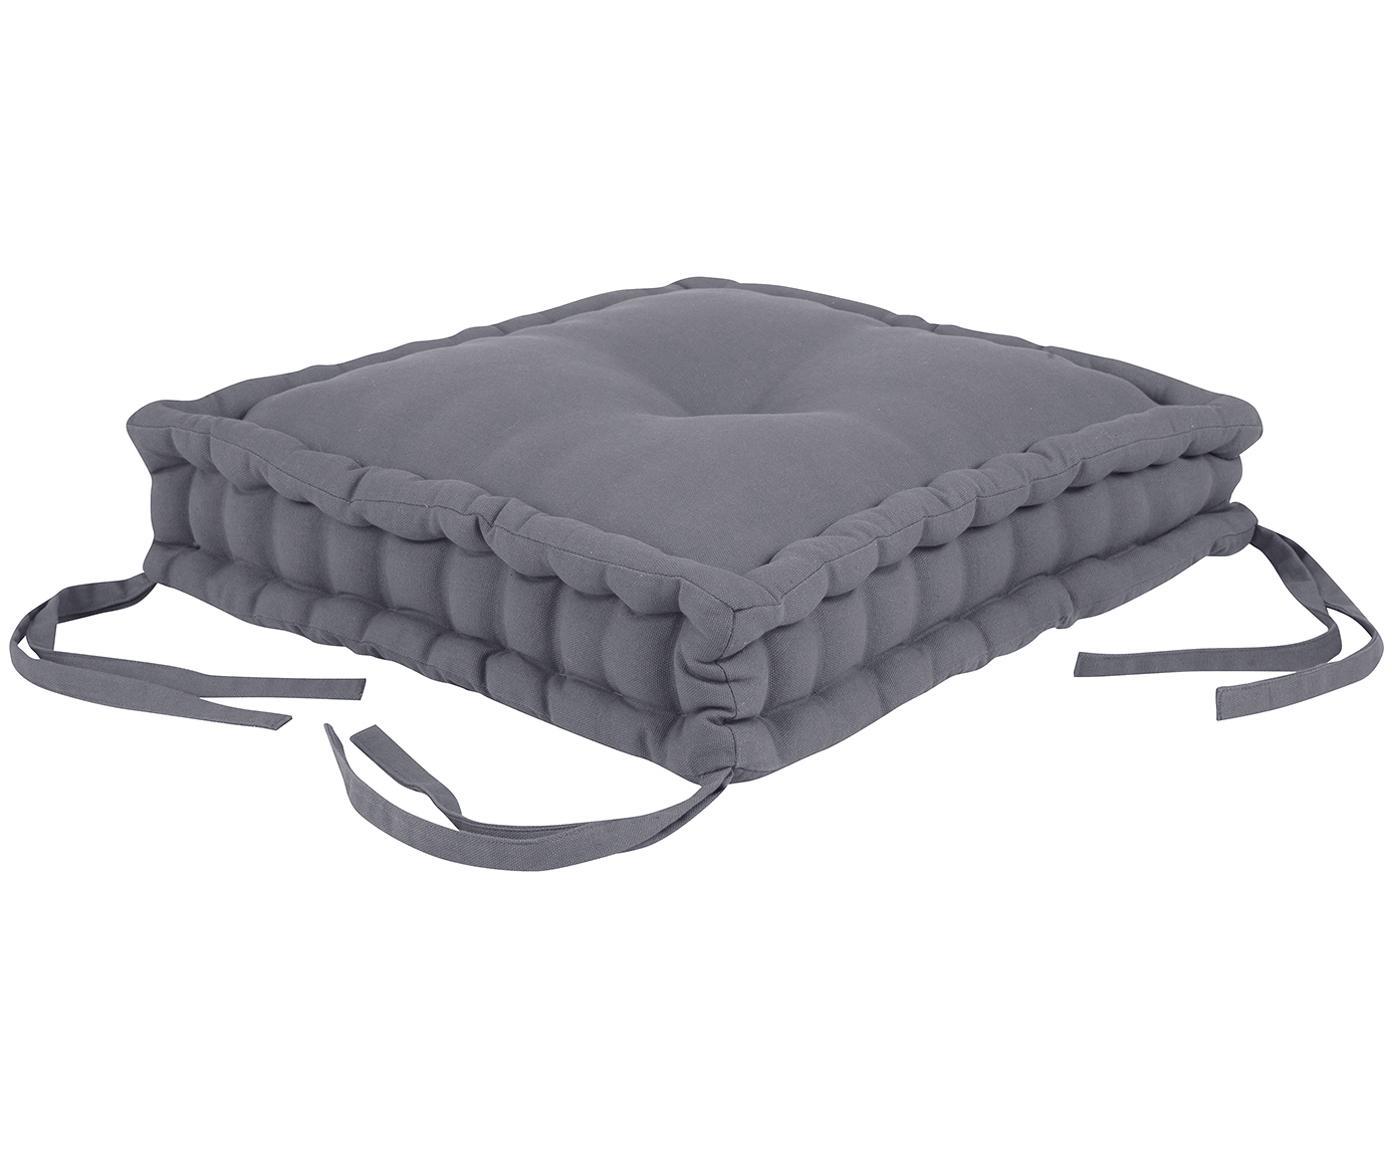 Poduszka na siedzisko Kiara, Ciemny szary, S 45 x D 45 cm